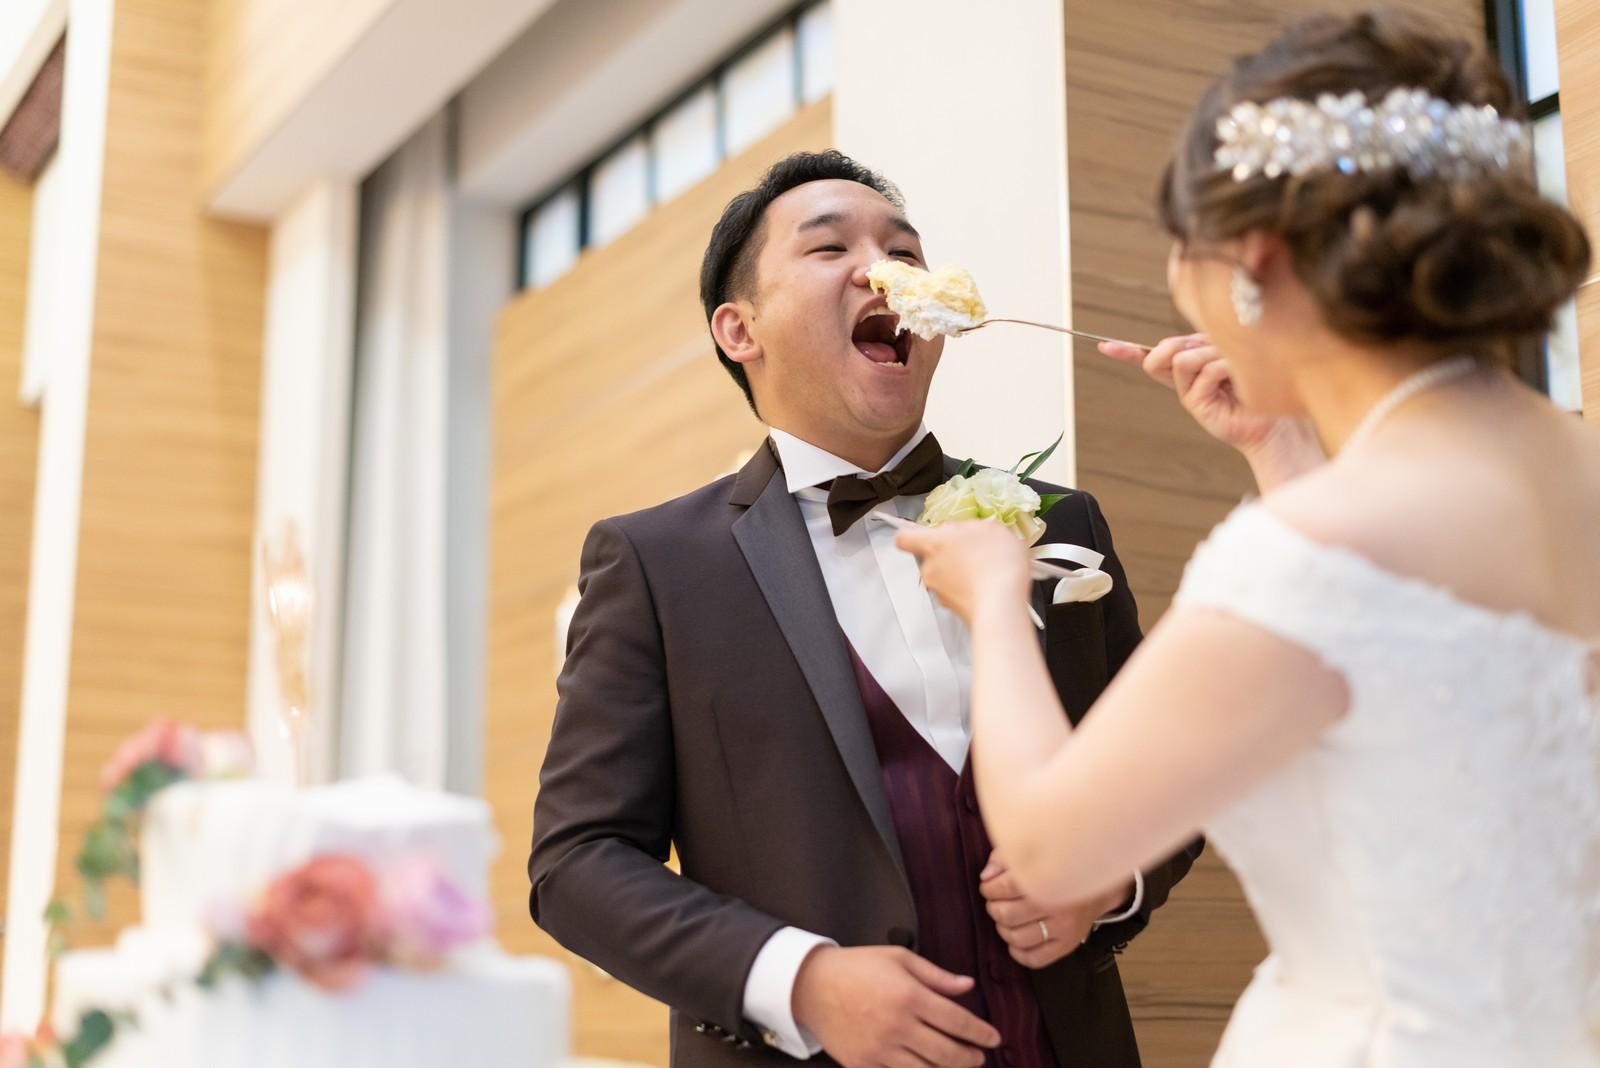 香川の結婚式場シェルエメール&アイスタイル ファーストバイト